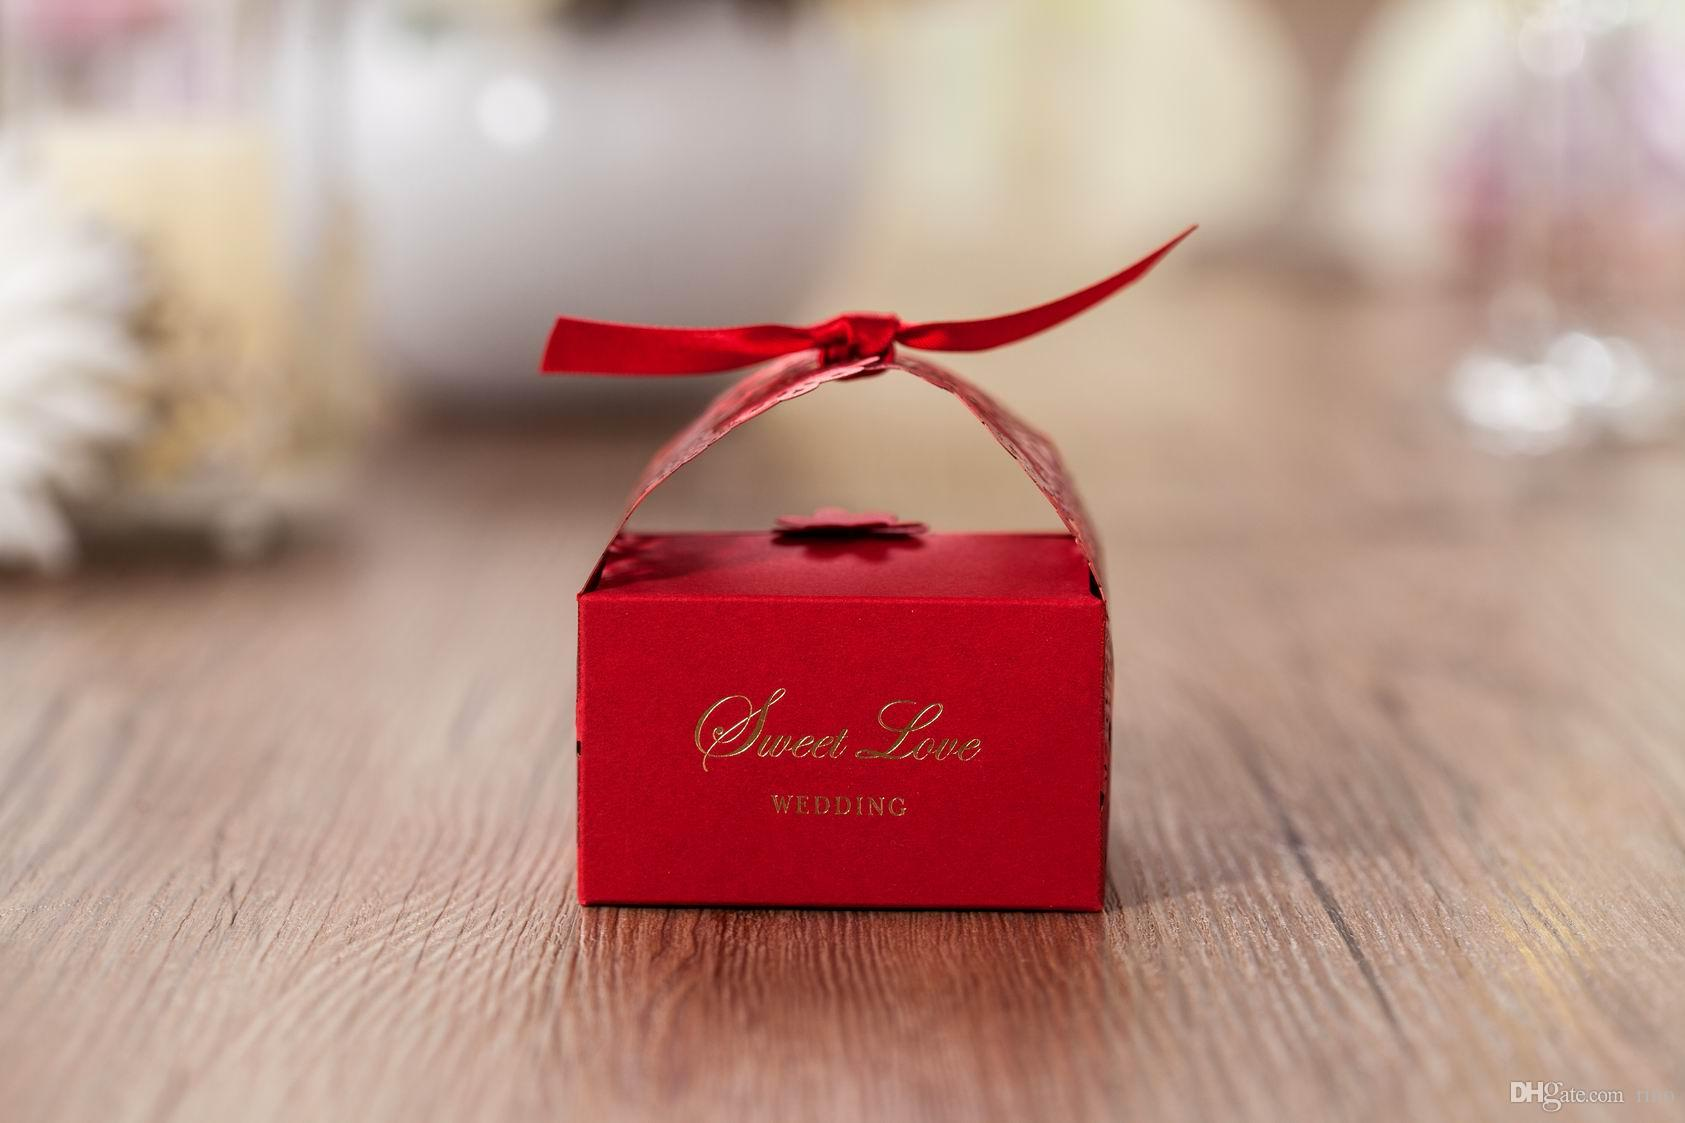 Faveurs de mariage Boîtes à bonbons Boîte de bonbons Faveurs de fête Creuse boîte de bonbons de mariage Faveur Boîtes de chocolat Sacs de bonbons Boîtes à gâteaux